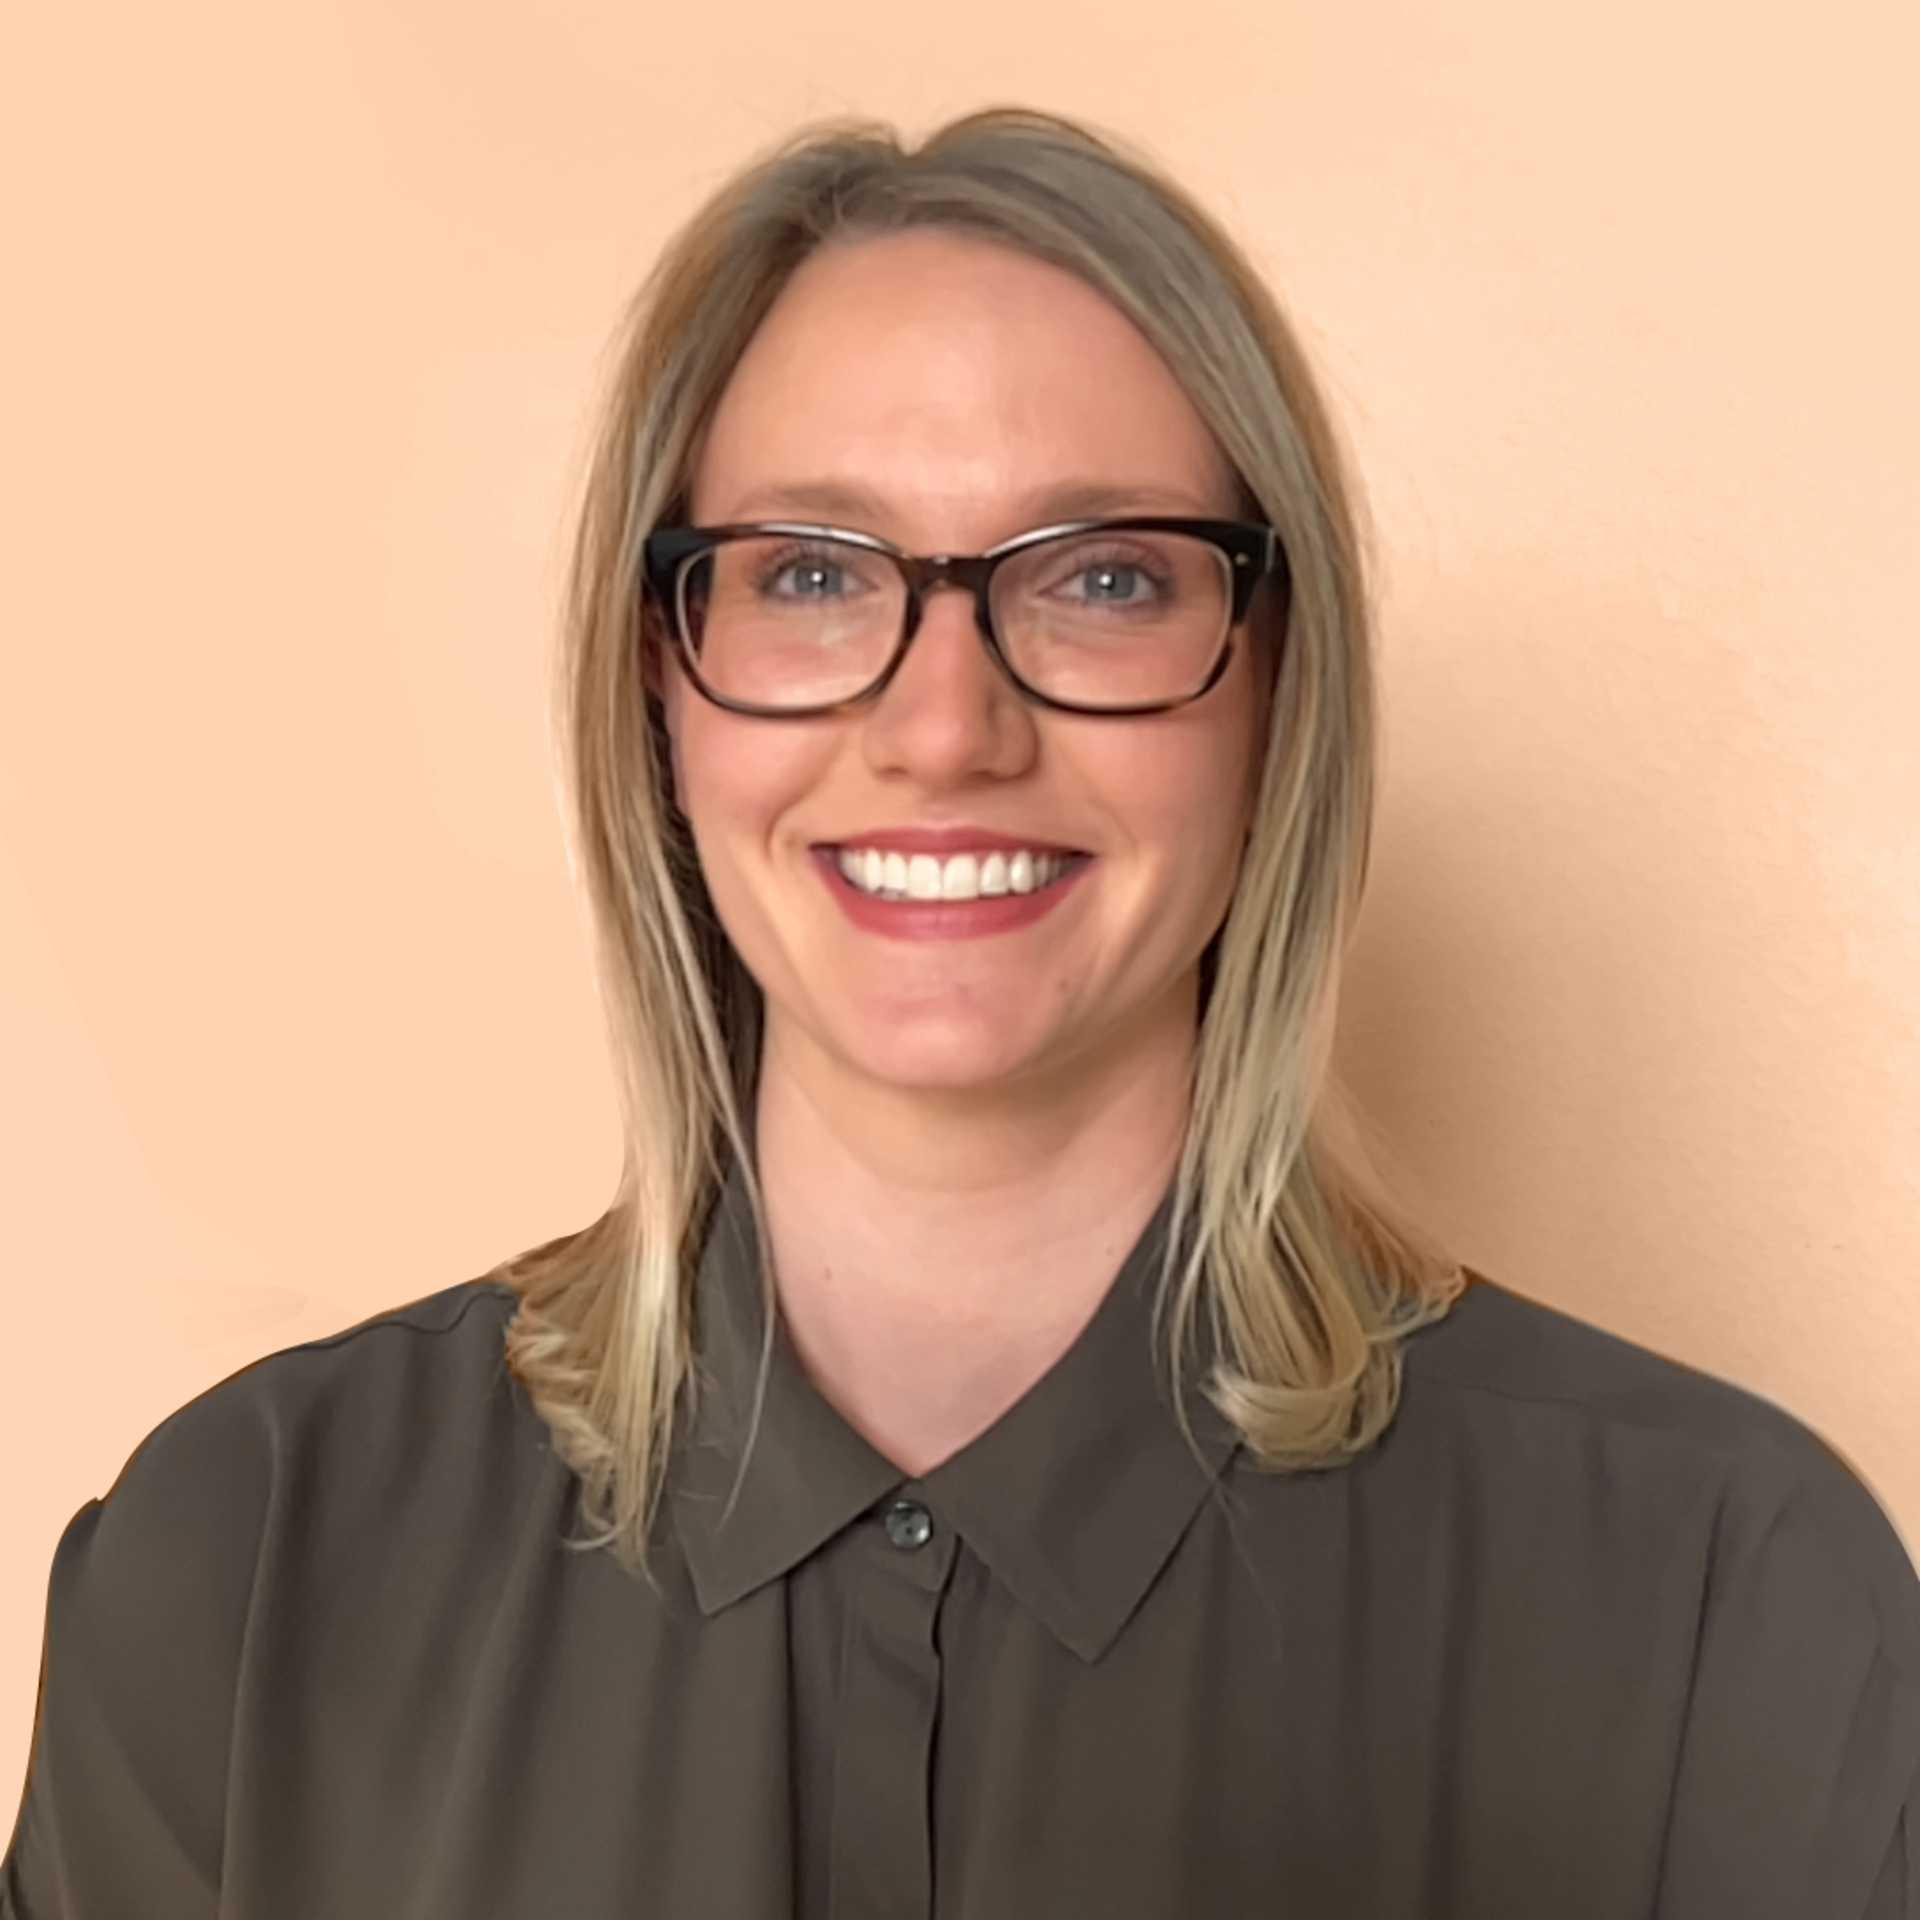 Photo of Kristin Glaubke